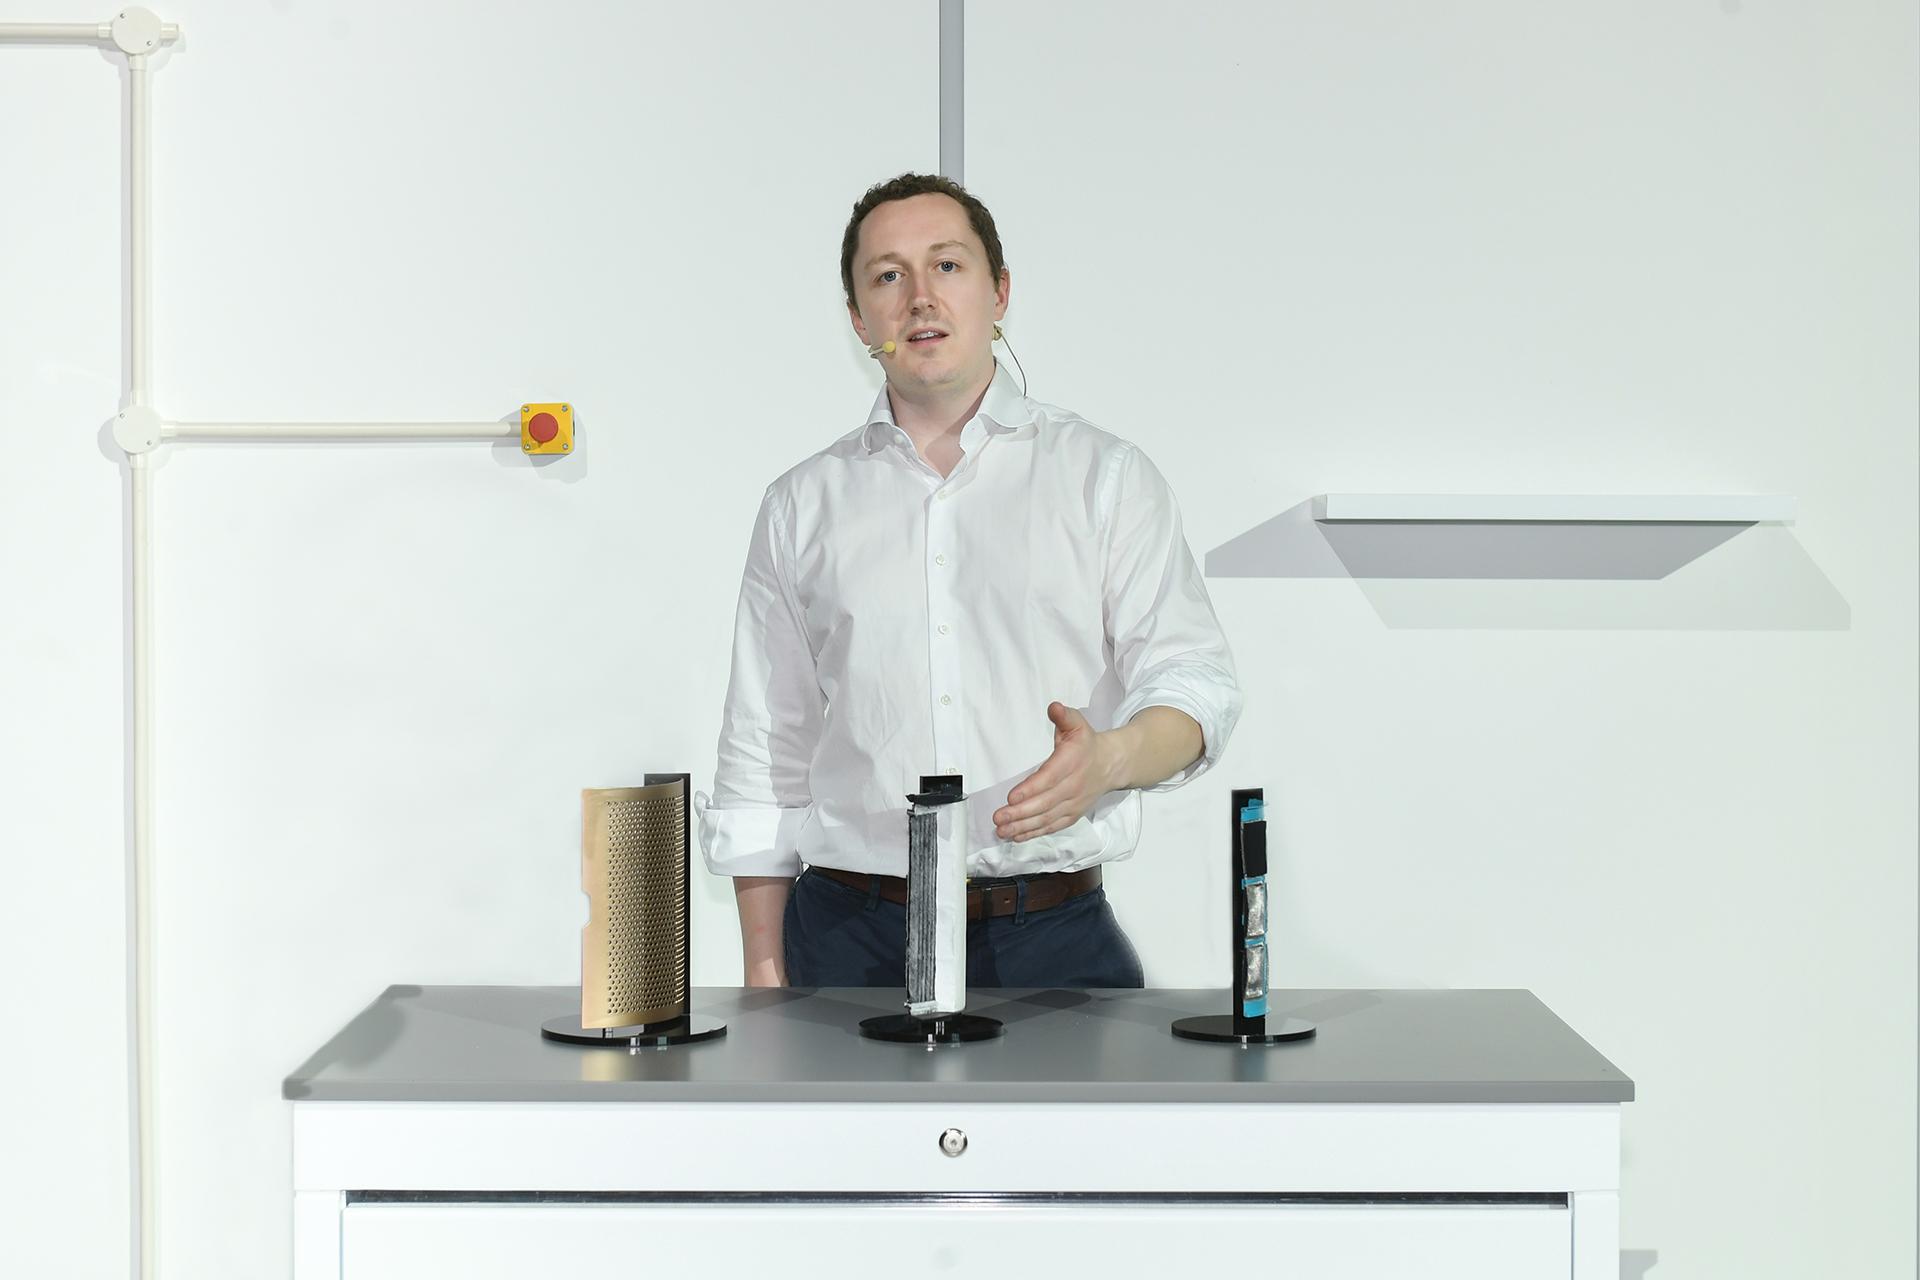 戴森上海科技实验室负责人Archie Henderson现场展示戴森Dyson Purifier Formaldehyde滤网